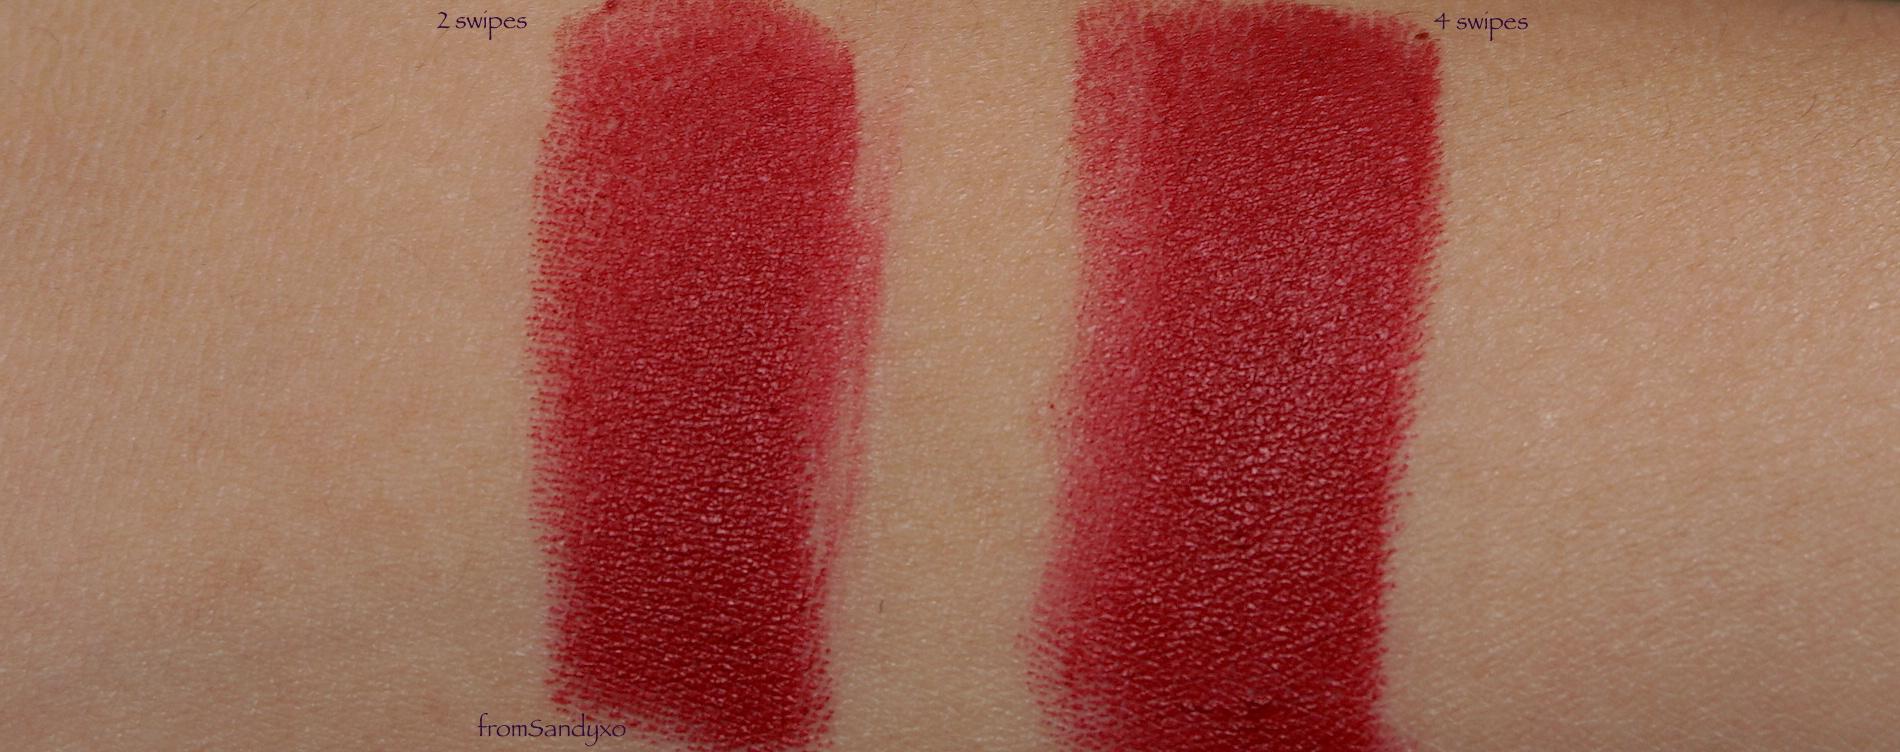 christian louboutin lipstick 001m